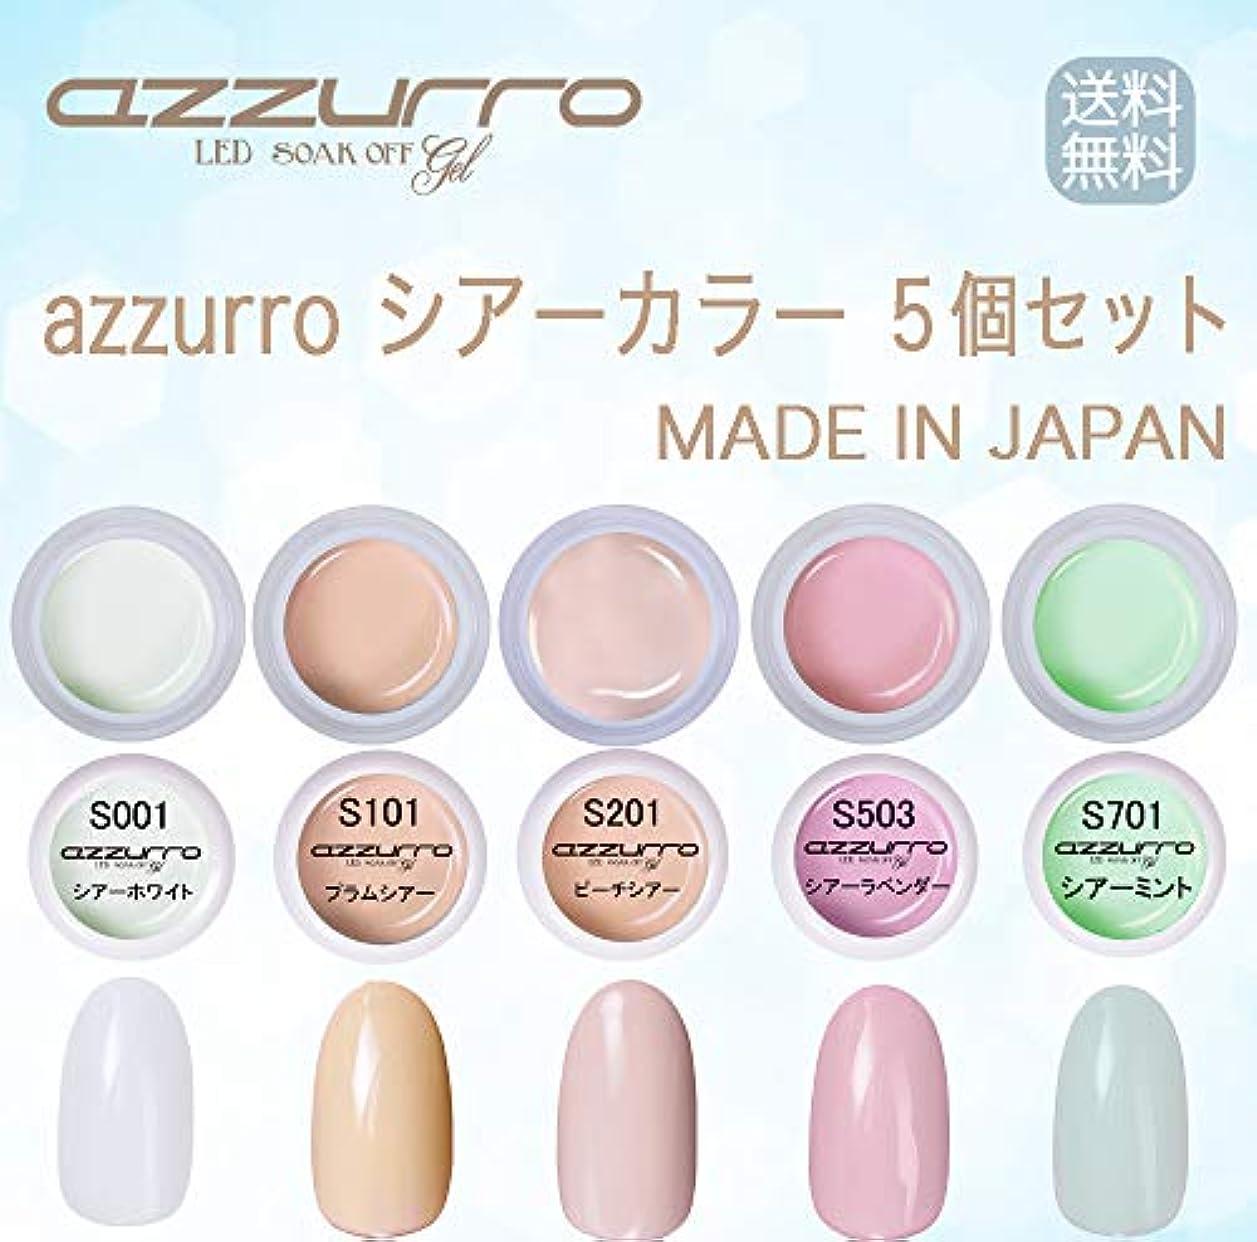 感情の天のの配列【送料無料】日本製 azzurro gel シアー カラージェル5個セット グラデーションにもピッタリなカラー